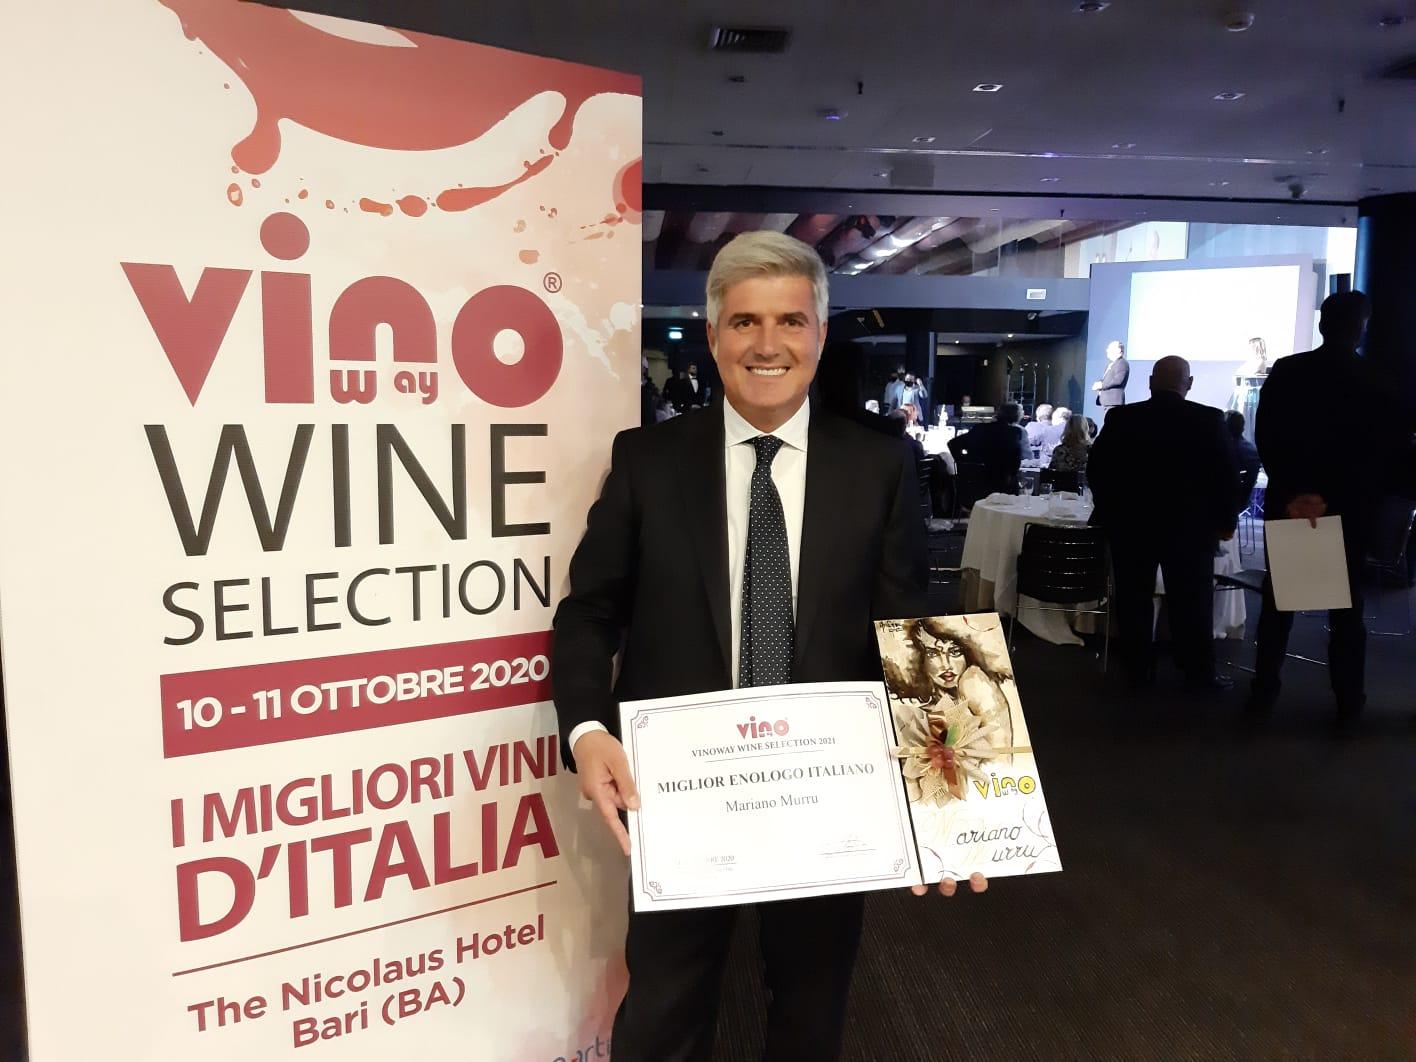 Mariano Murru ritira premio miglior enologo 2020